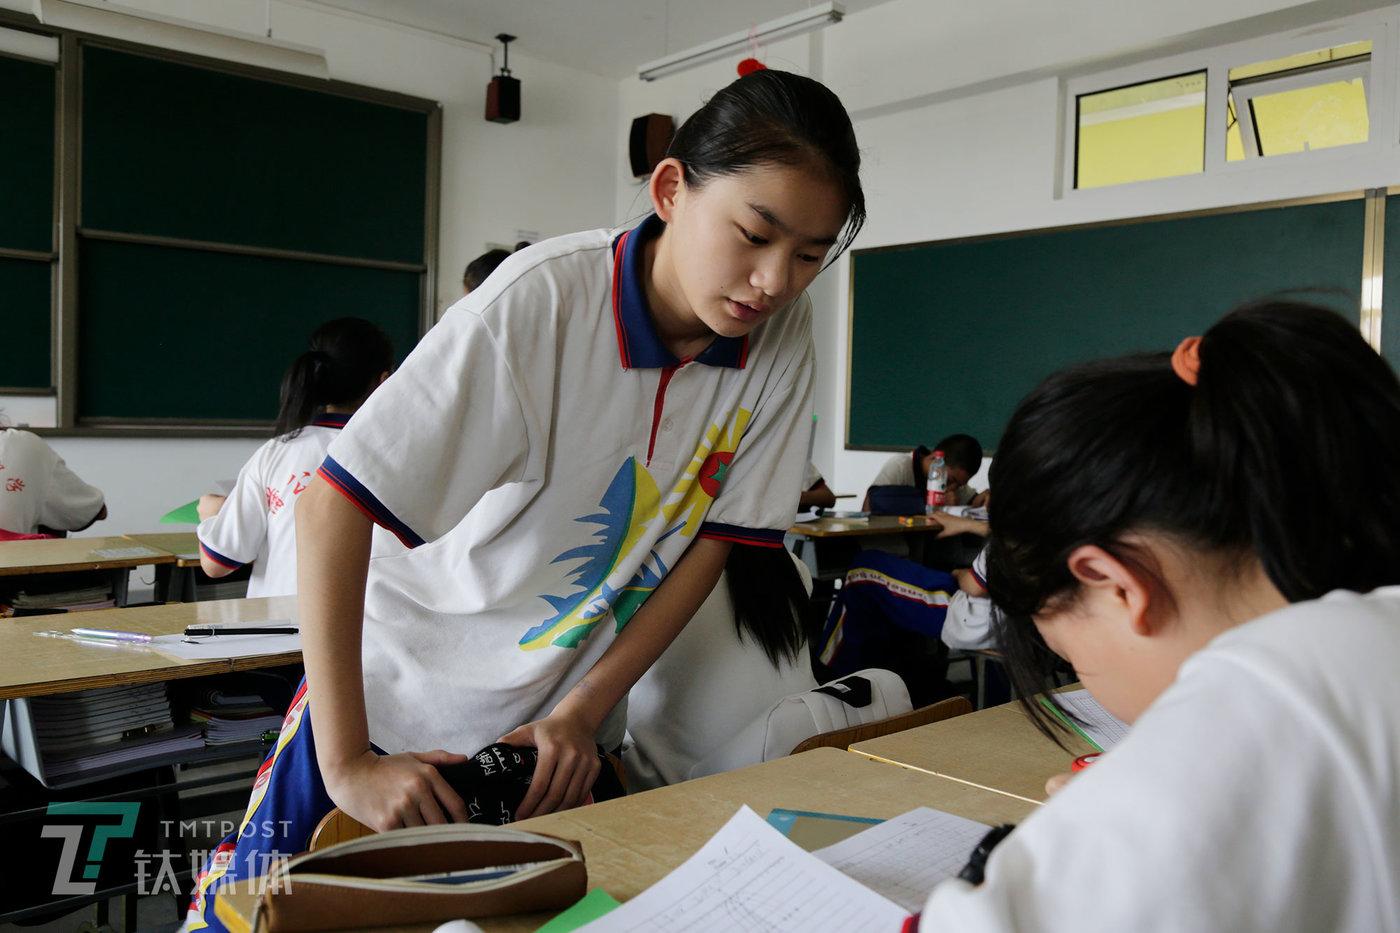 9月5日,蒲公英中学,曾祺在课间休息。